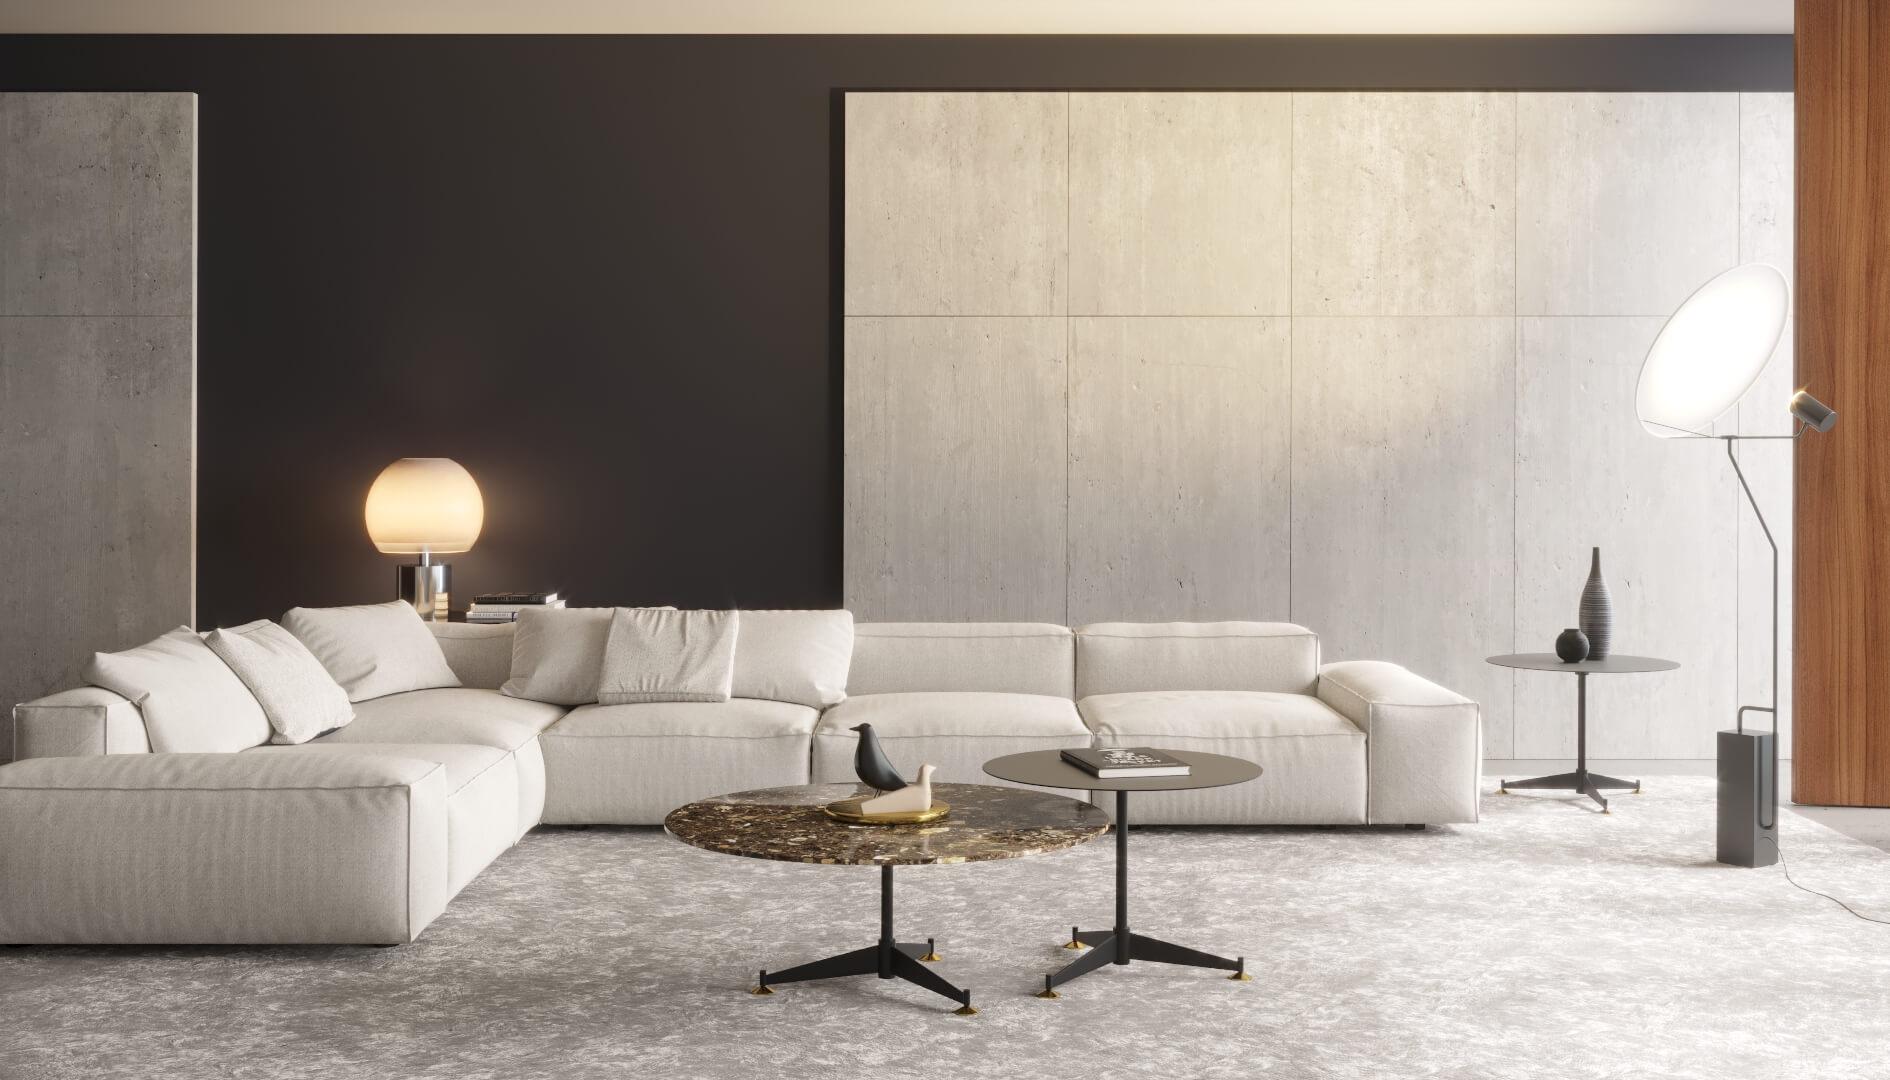 le marche du meuble en 2021 privilégie les visuels 3D de mobilier